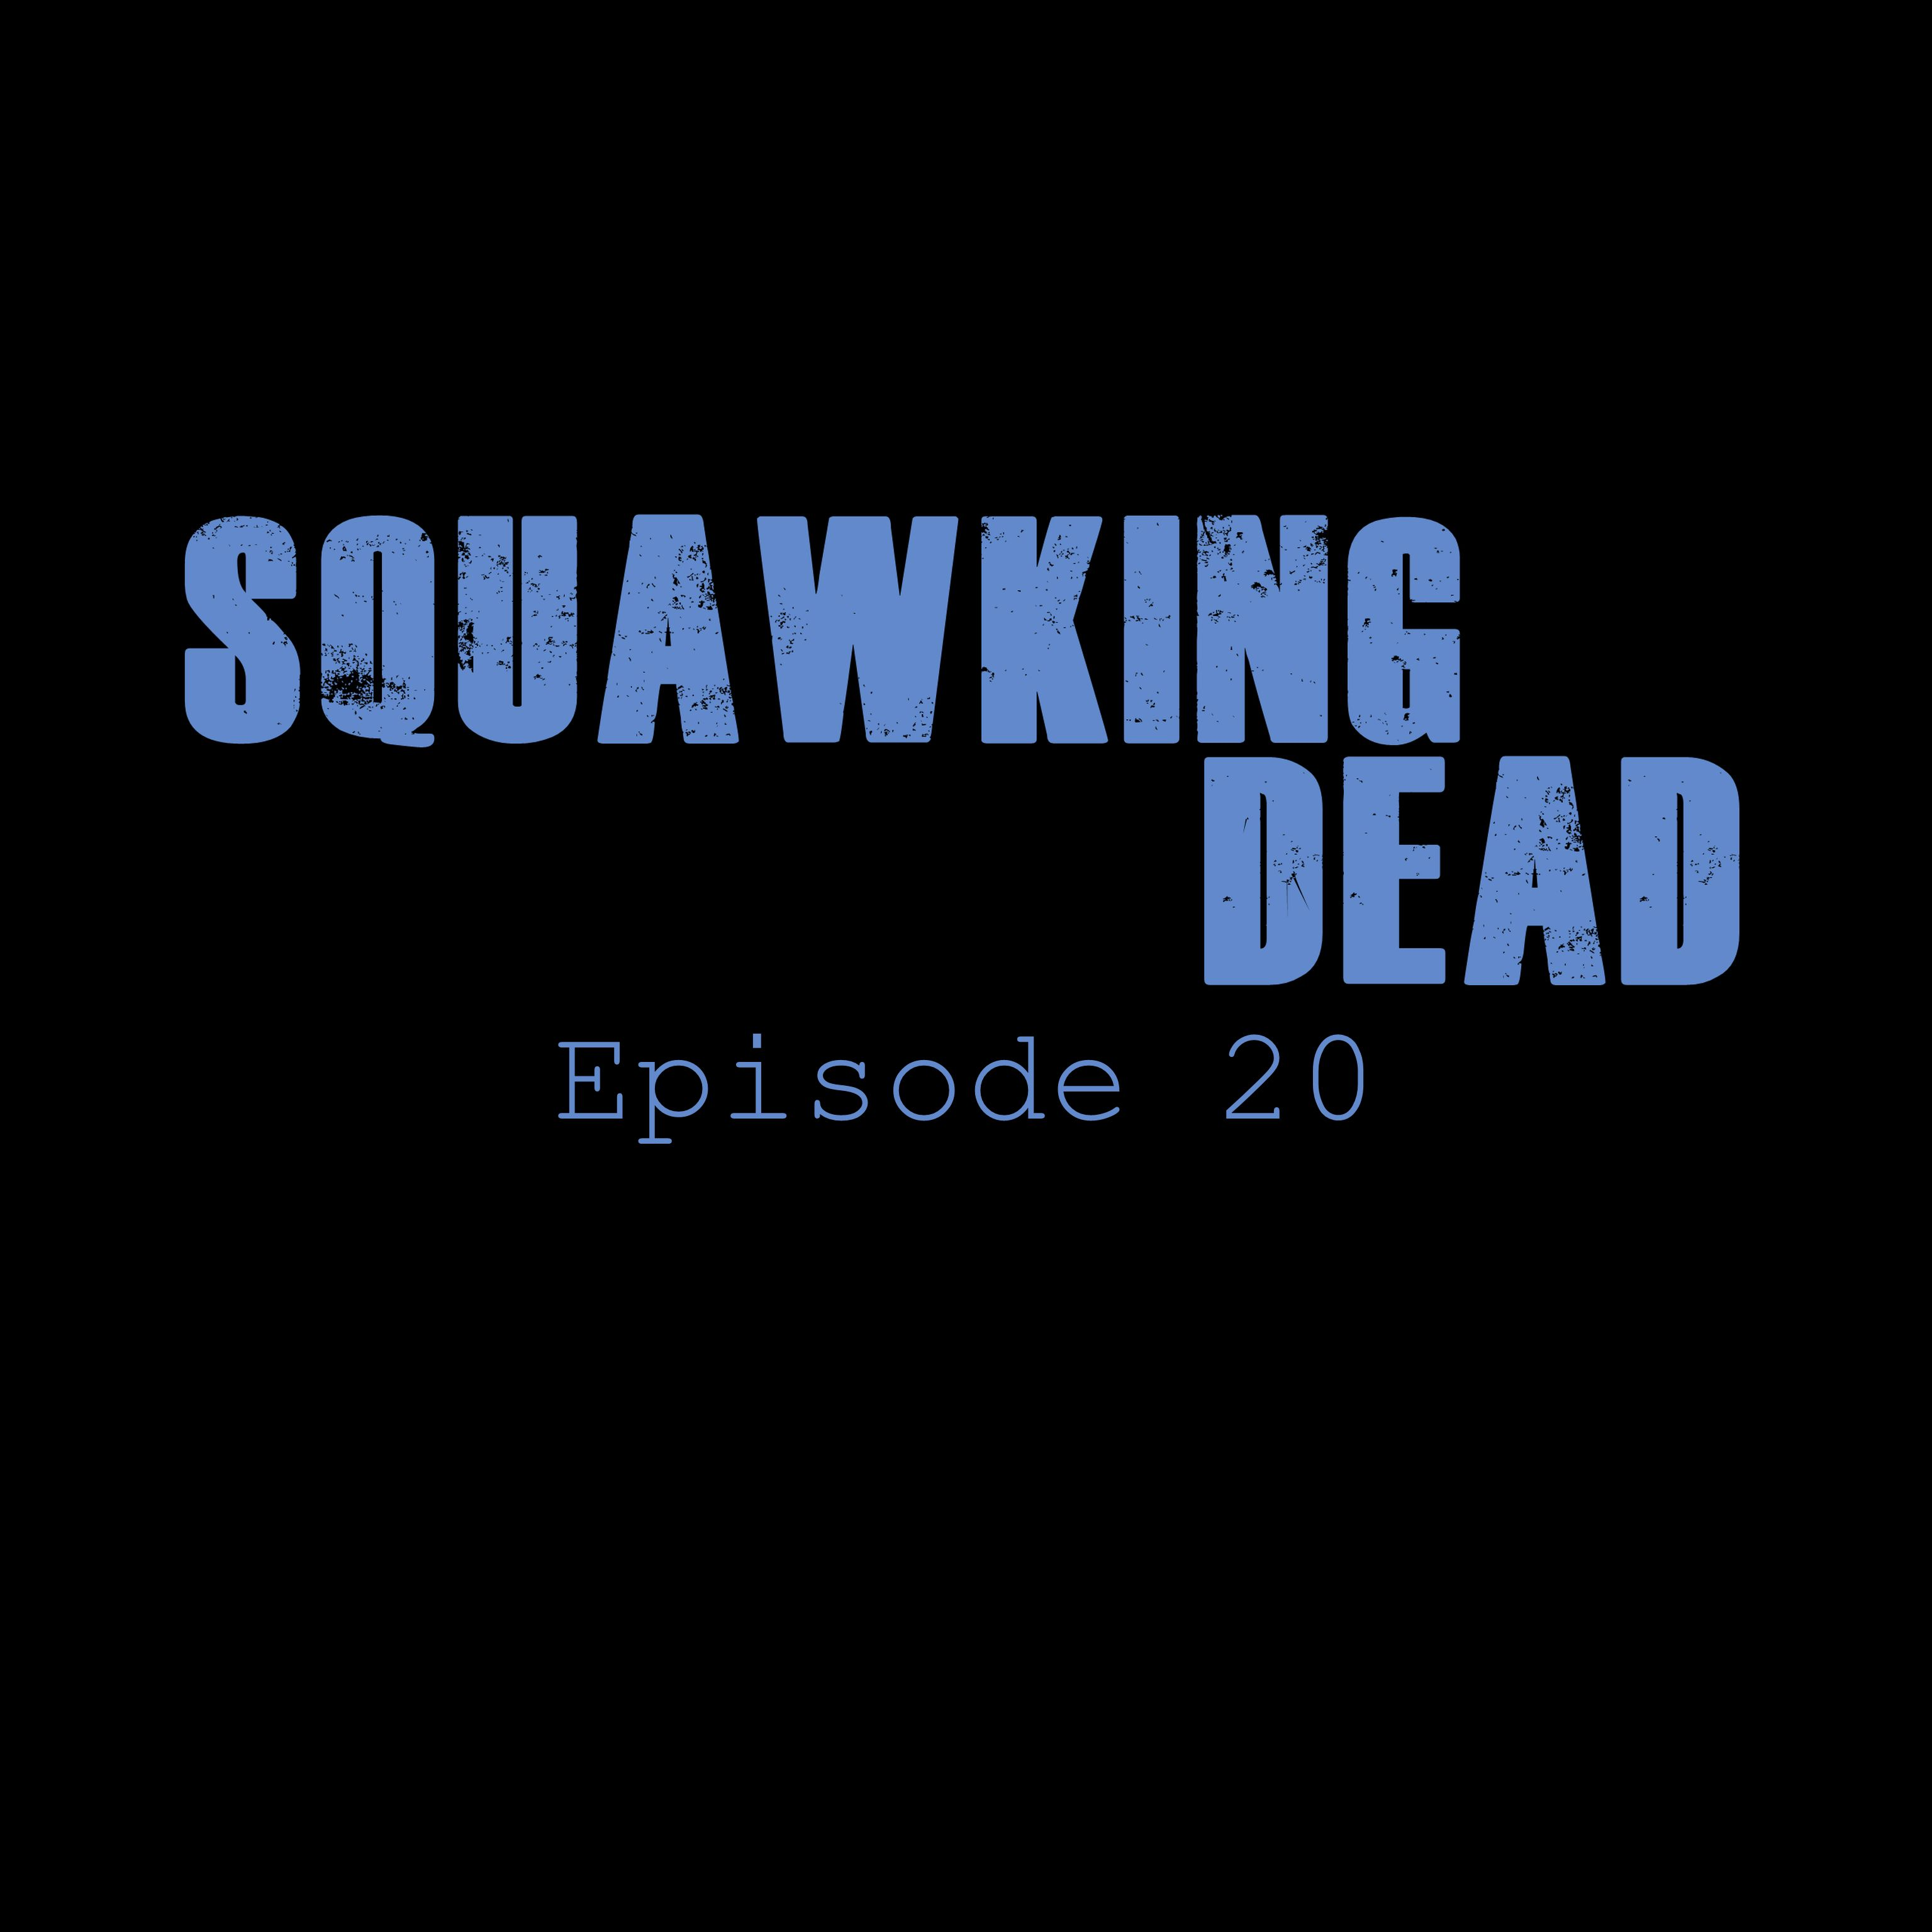 Animal Crossing Gracie Porn episode 22] season 4, episode 7 of fear the walking dead